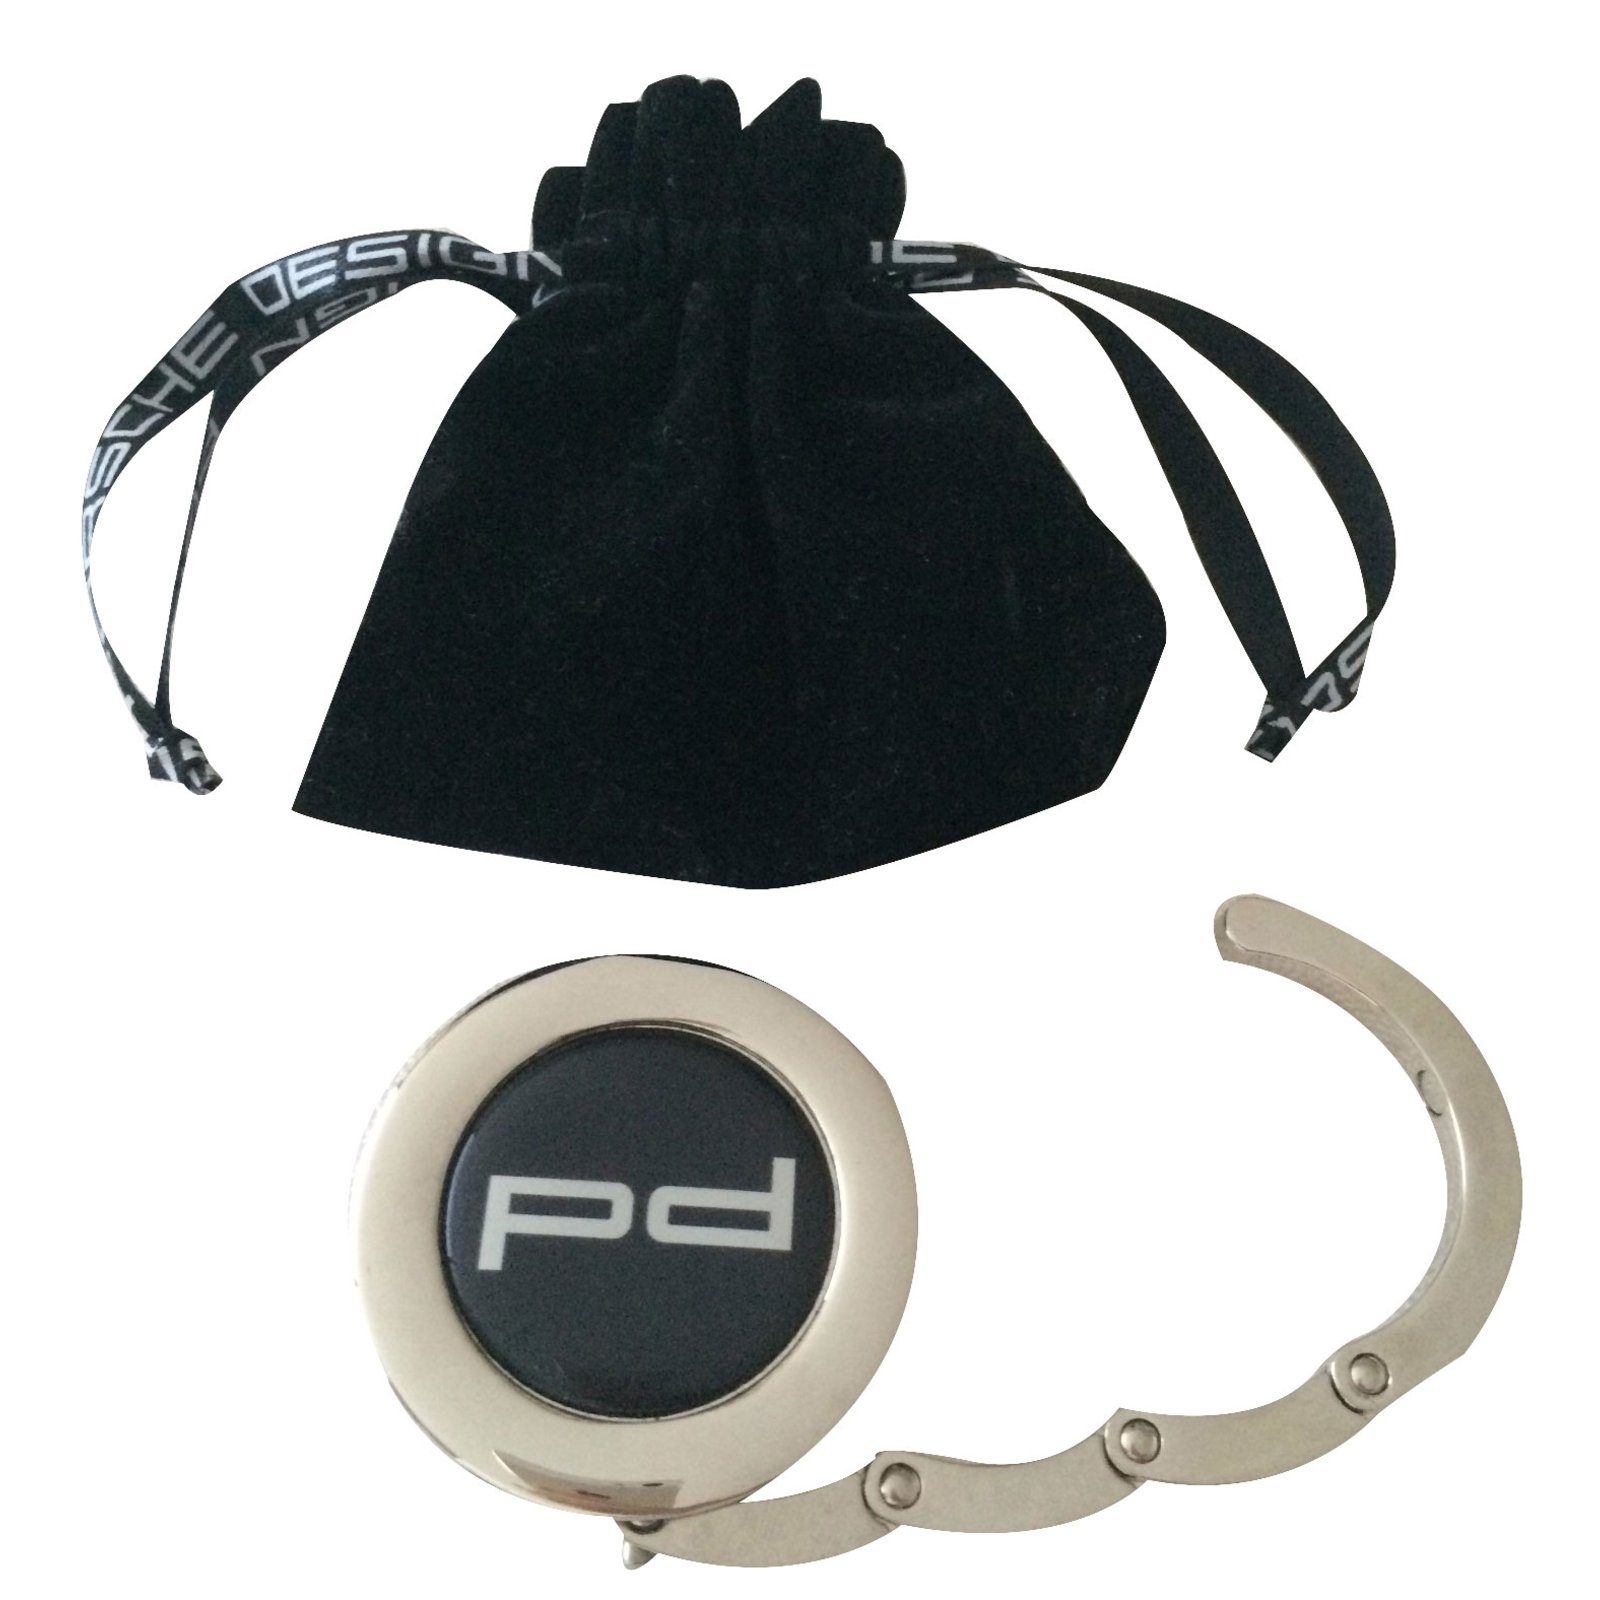 bijoux de sac autre marque bijoux de sac 39 porsche design 39 m tal noir joli closet. Black Bedroom Furniture Sets. Home Design Ideas